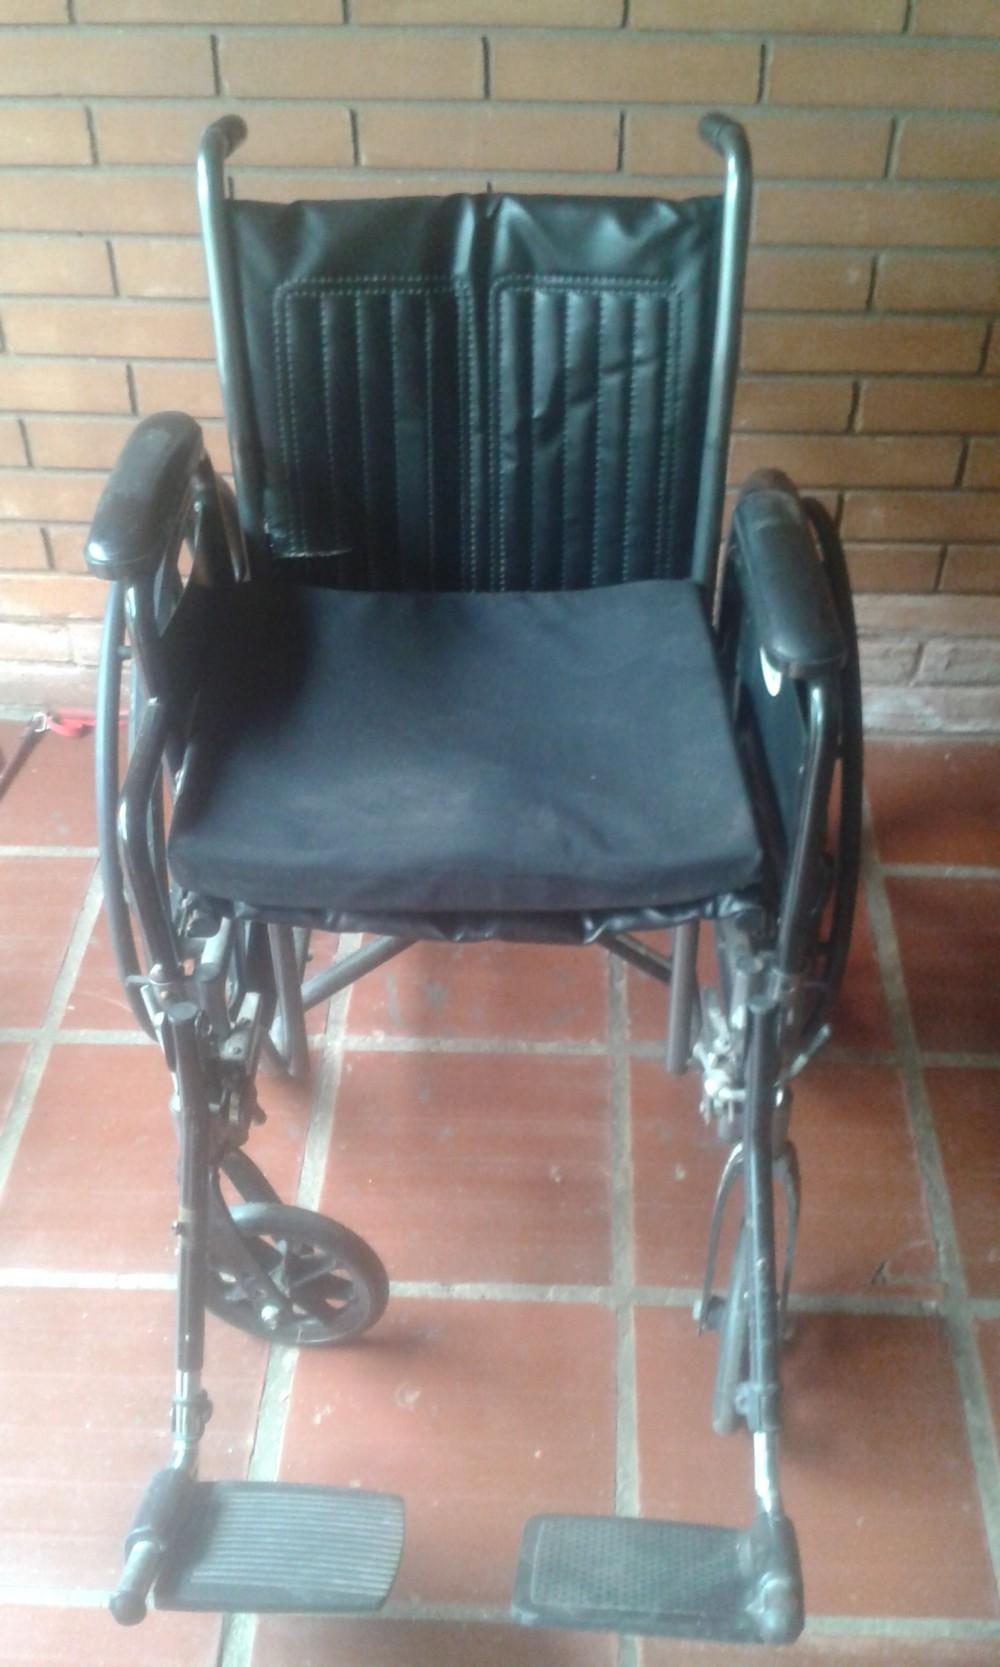 REPARACION DE SILLONES Y SILLAS PARA LA OFICINA Y DE HOSPITAL - Clasiweb